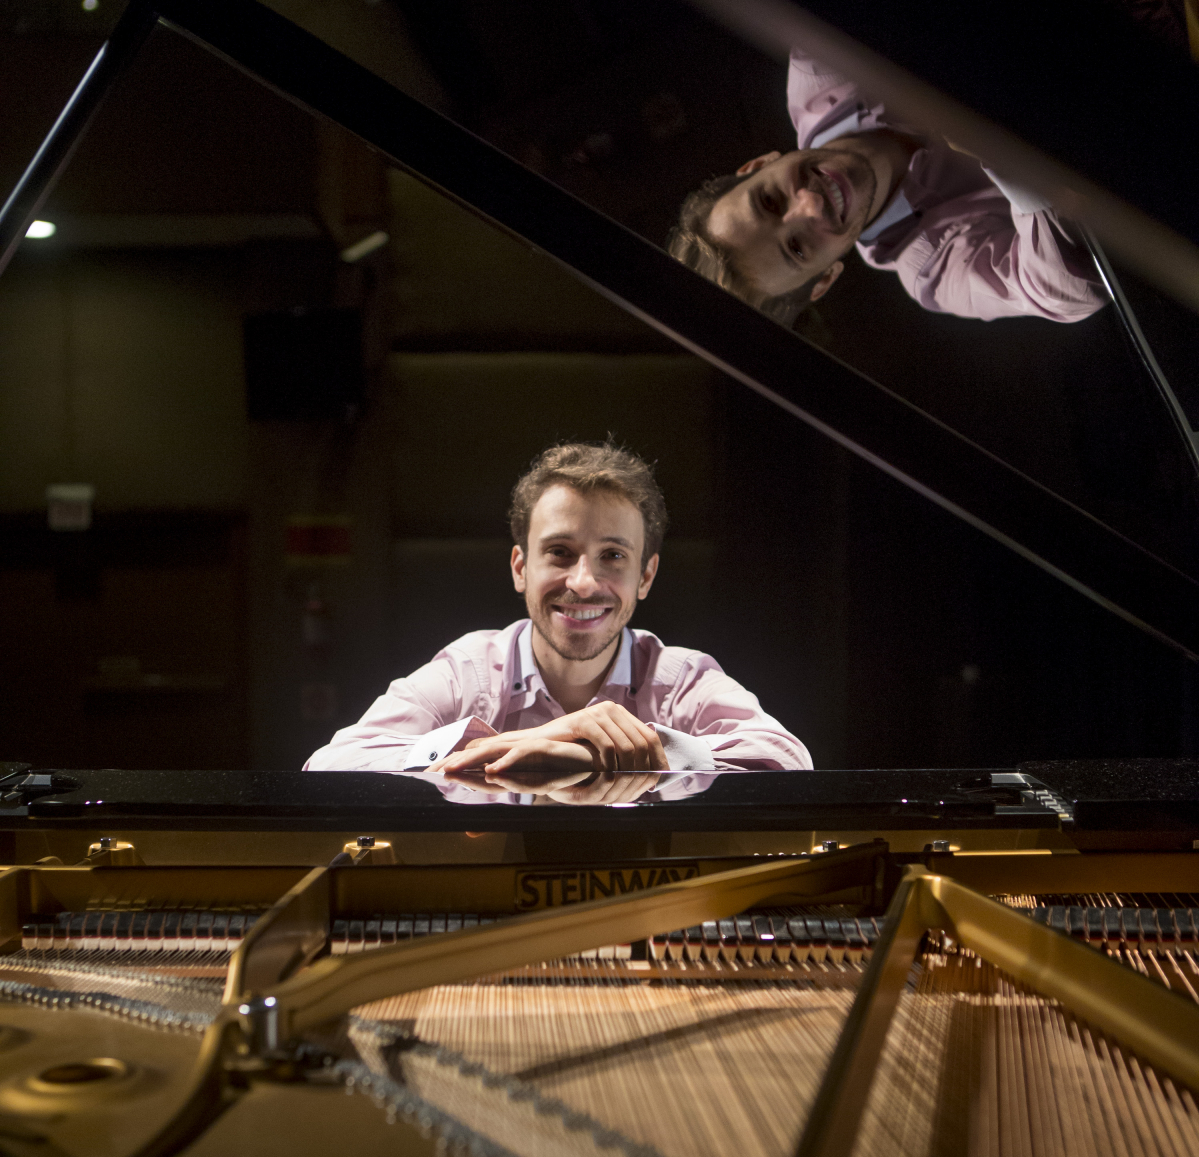 Pablo Rossi nasceu em São José, em 1989, e estudou no Conservatório Tchaikovsky, em Moscou - Flávio Tin/ND